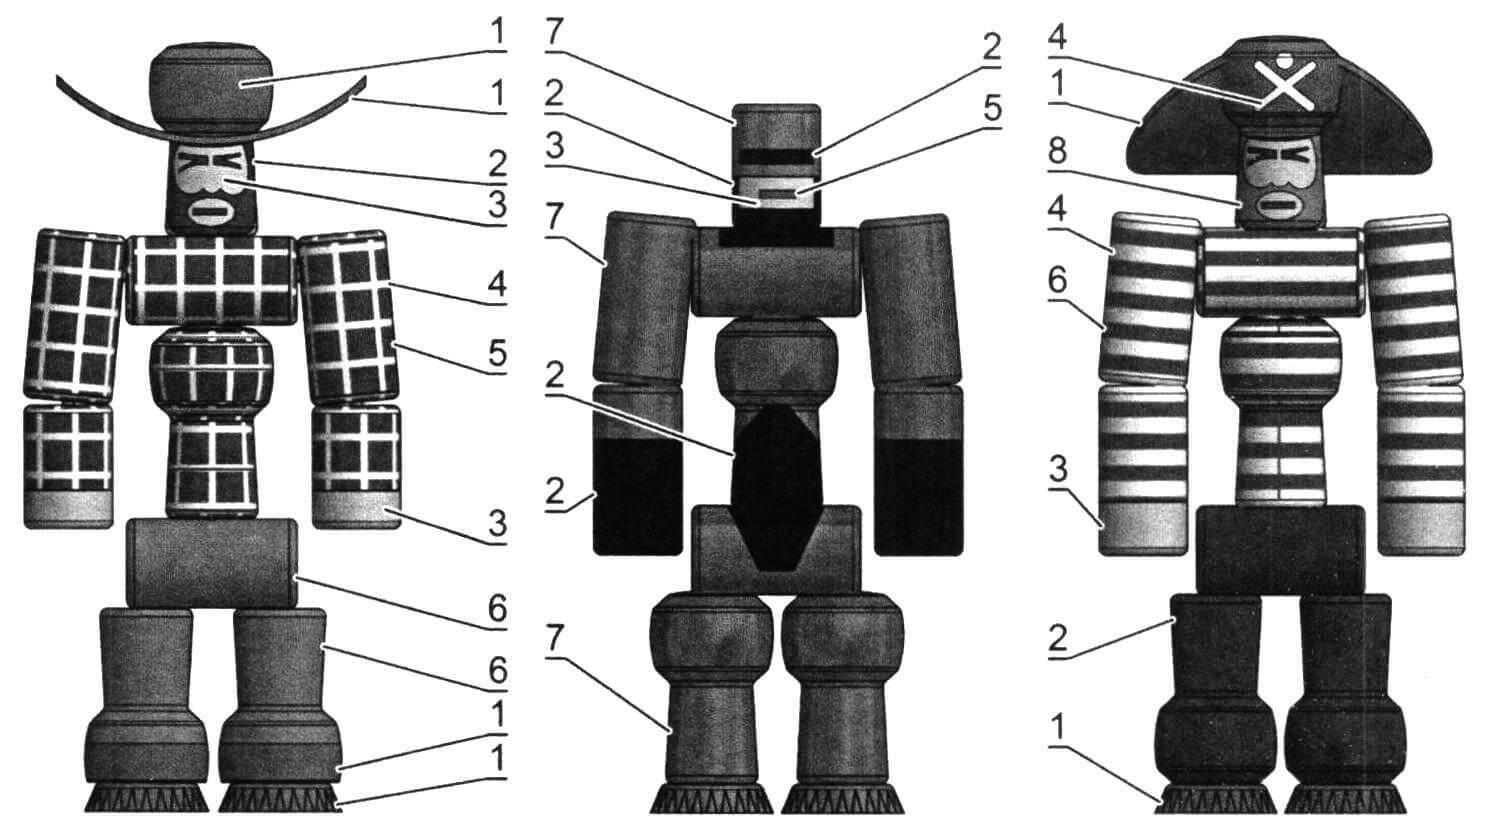 Схема окрашивания: 1 - коричневый; 2 - черный; 3 - розовый; 4 - белый; 5 - красный; 6 - синий; 7 - темно-синий; 8 - оранжевый